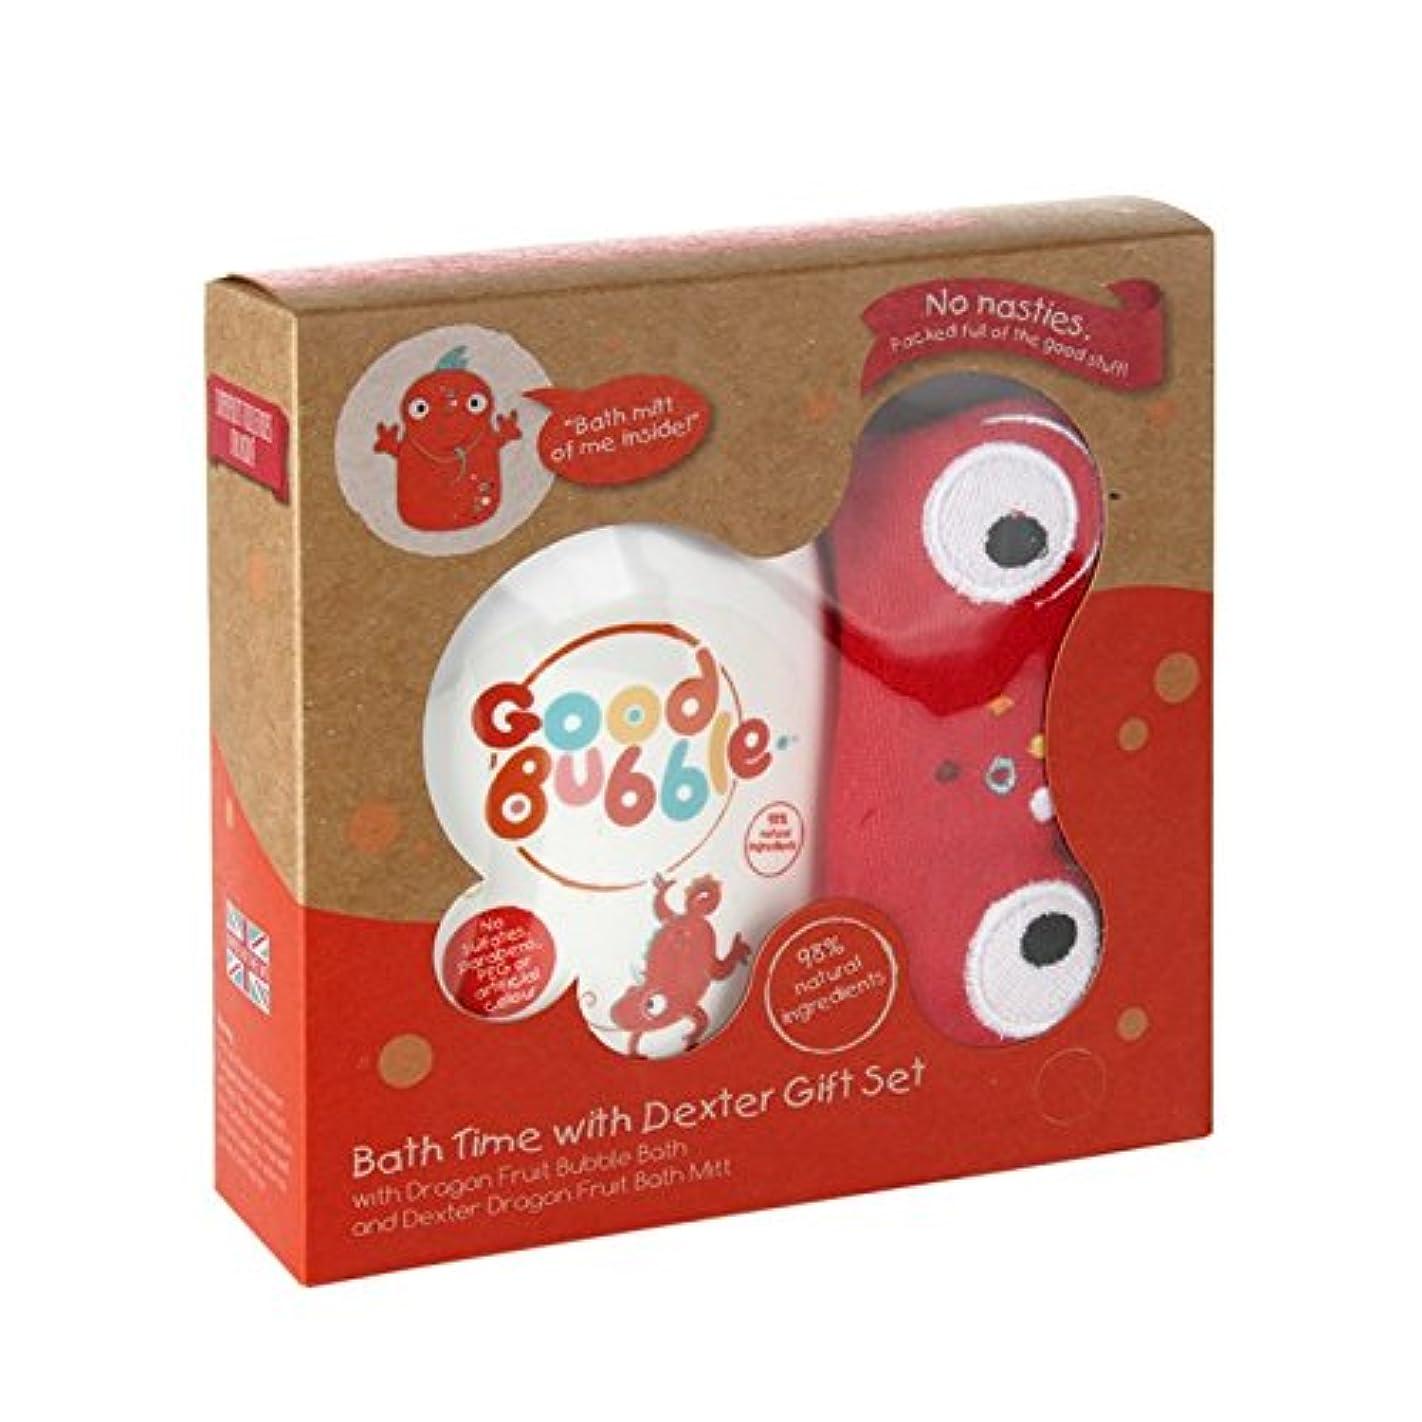 結果としてカップル保険Good Bubble Dexter Dragonfruit Gift Set 550g (Pack of 2) - 良いバブルデクスターDragonfruitギフトセット550グラム (x2) [並行輸入品]